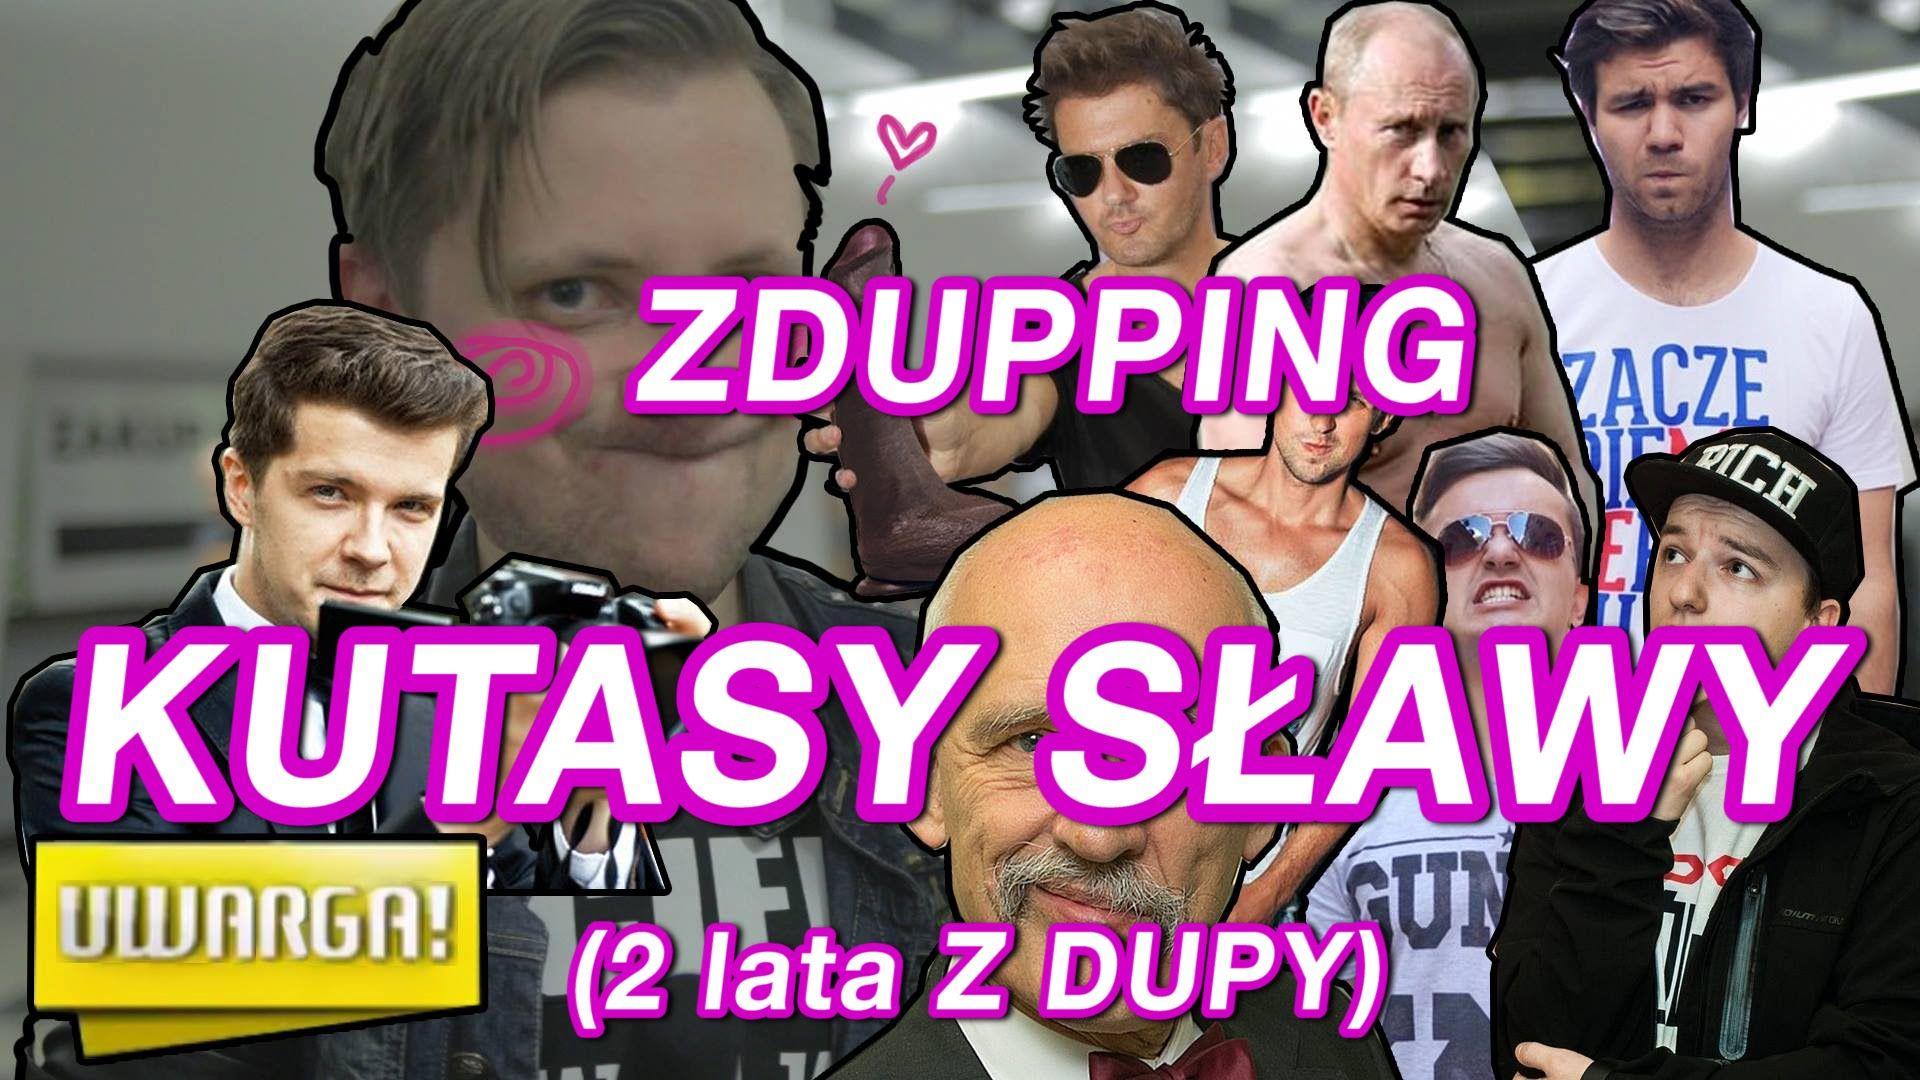 KUTASY SŁAWY - ZDUPPING (2 lata Z DUPY)